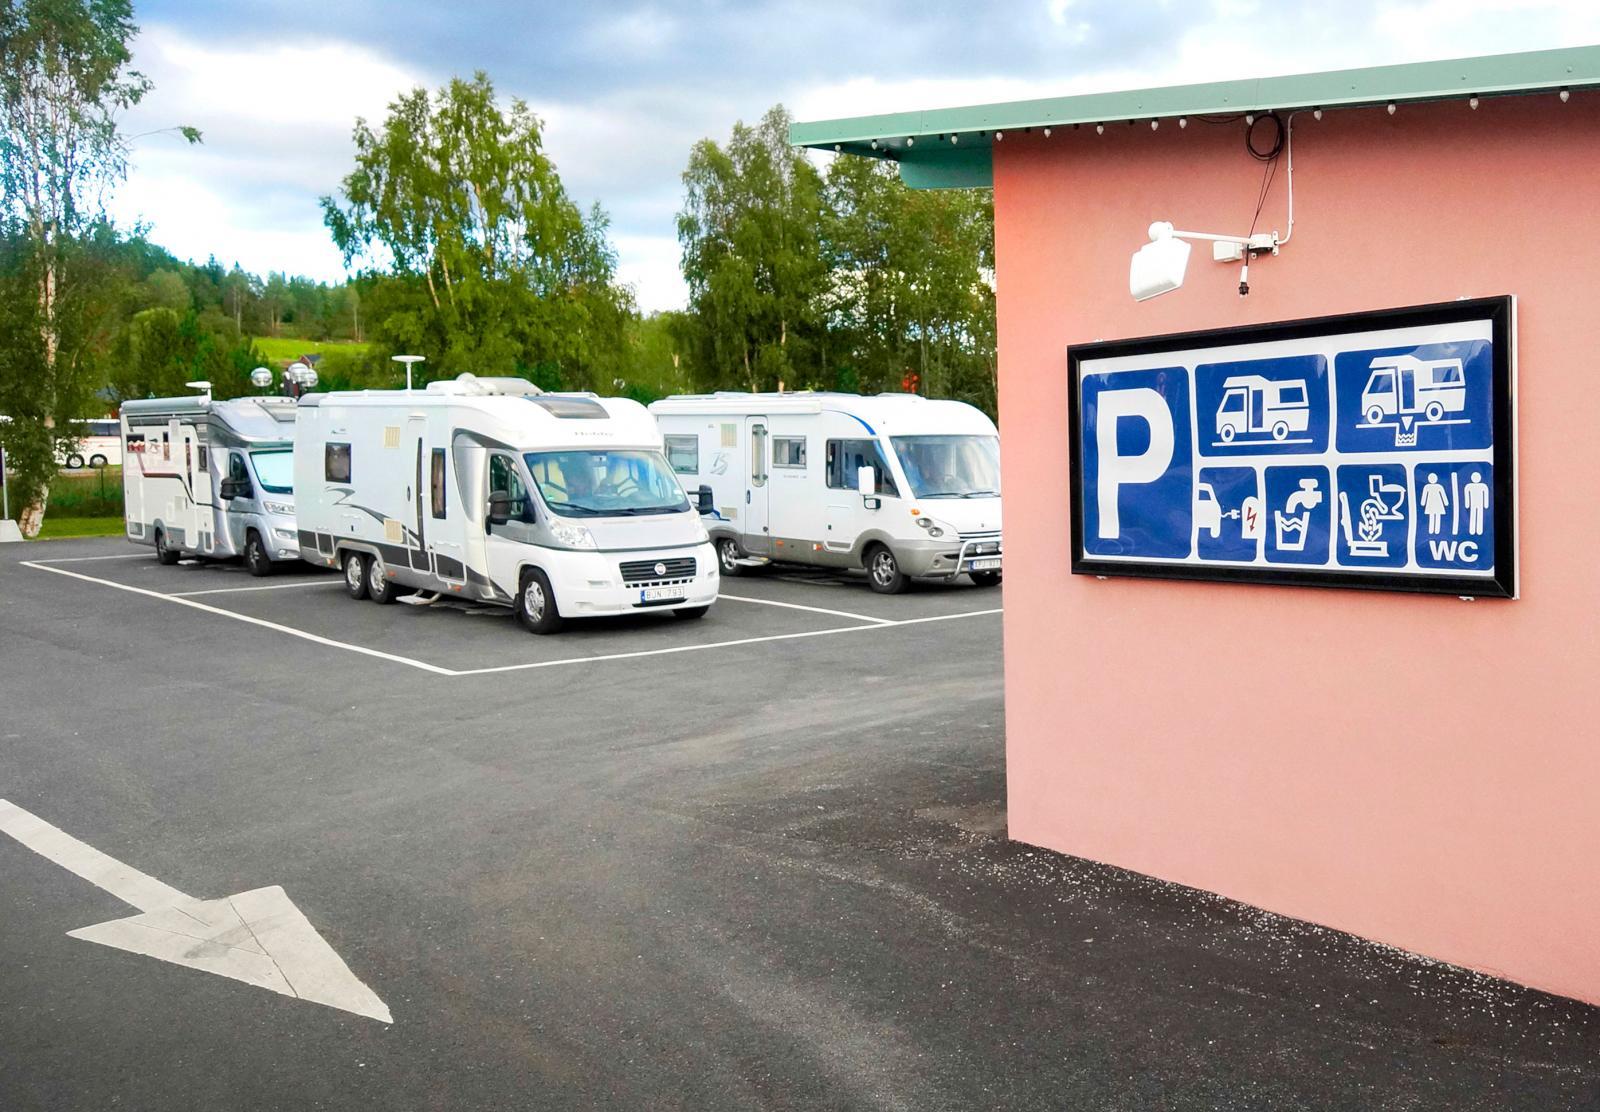 Ställplatser kan vara centrala som den här i Svenstavik. Enkelt men med servicehus.